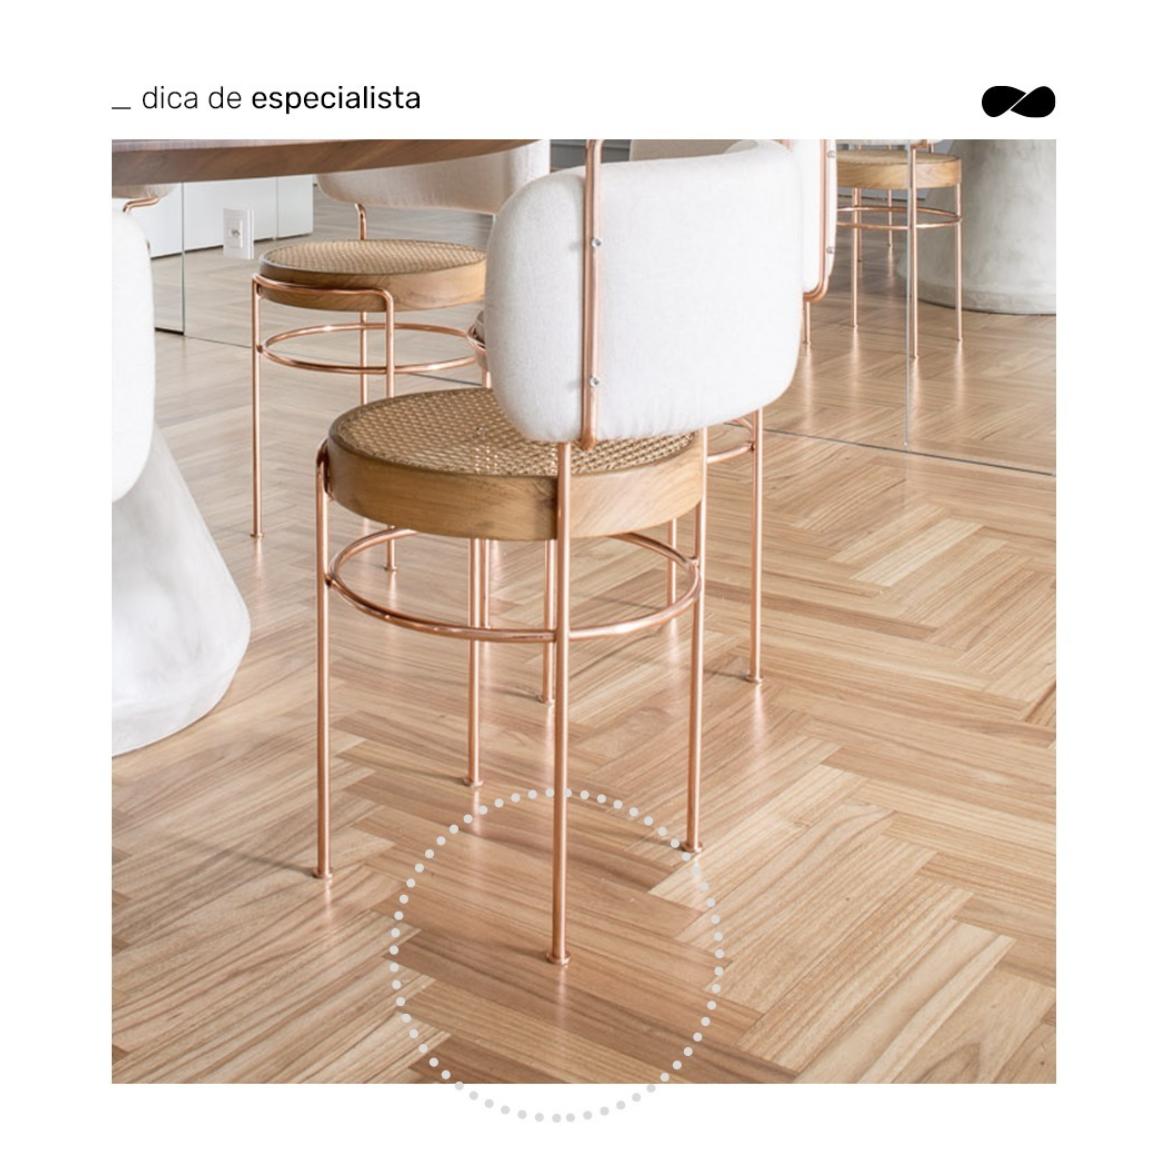 Proteger os pés das cadeiras com feltro é importante para manter o piso de madeira sem arranhões